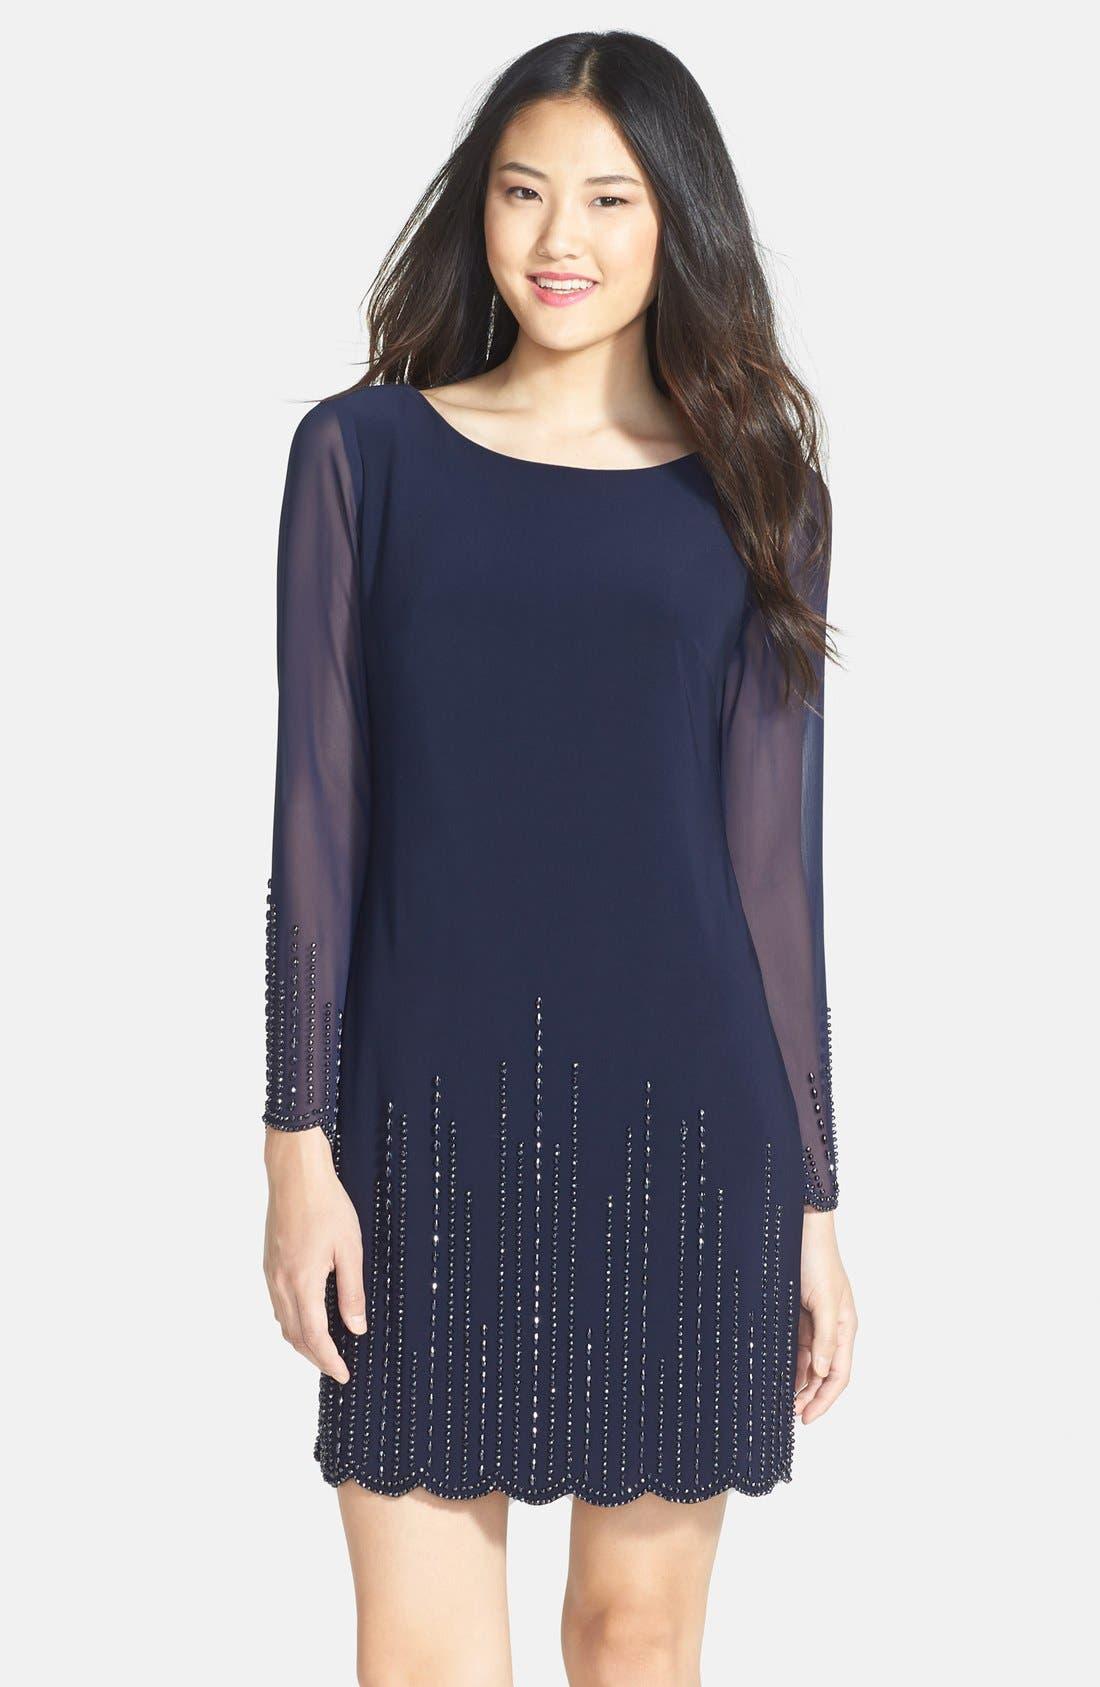 Alternate Image 1 Selected - Xscape Beaded Jersey & Chiffon Shift Dress